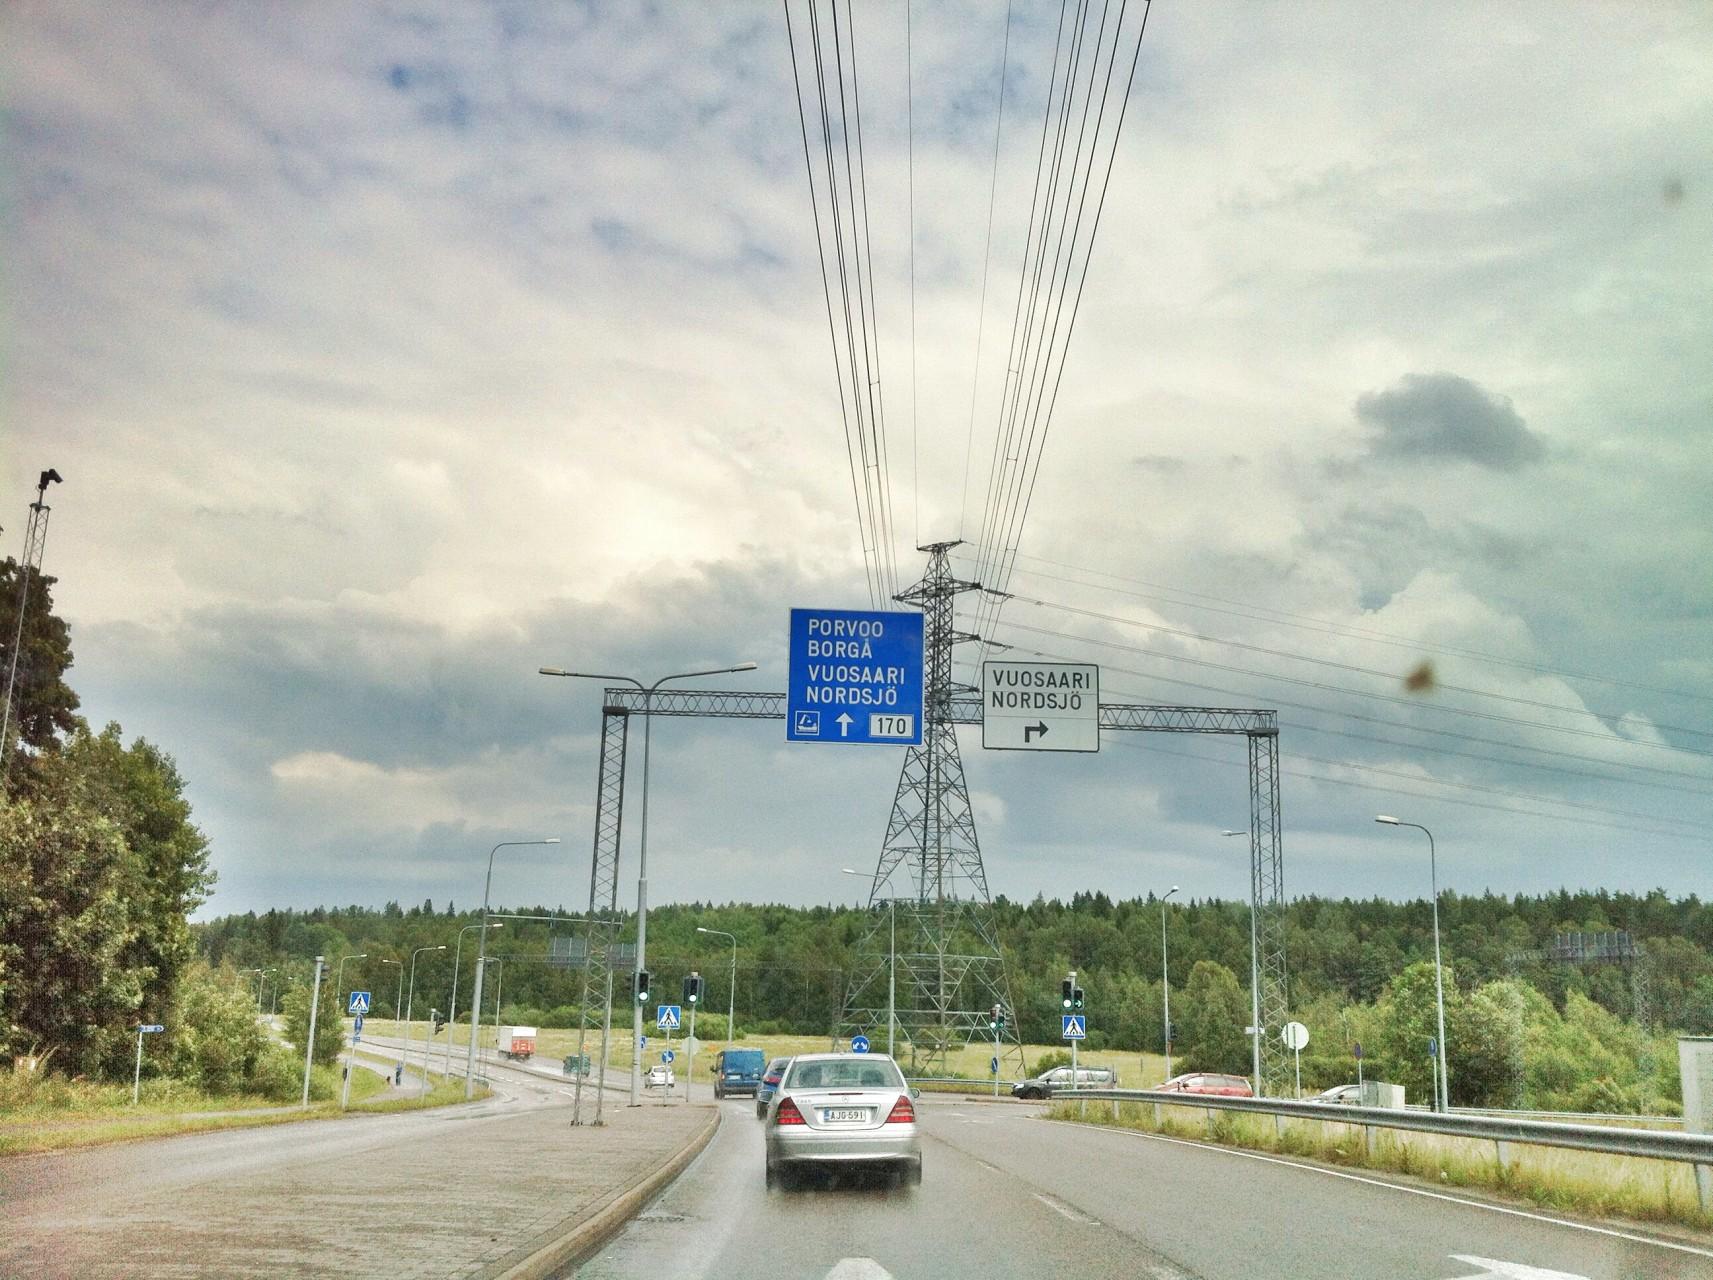 Near Helsinki